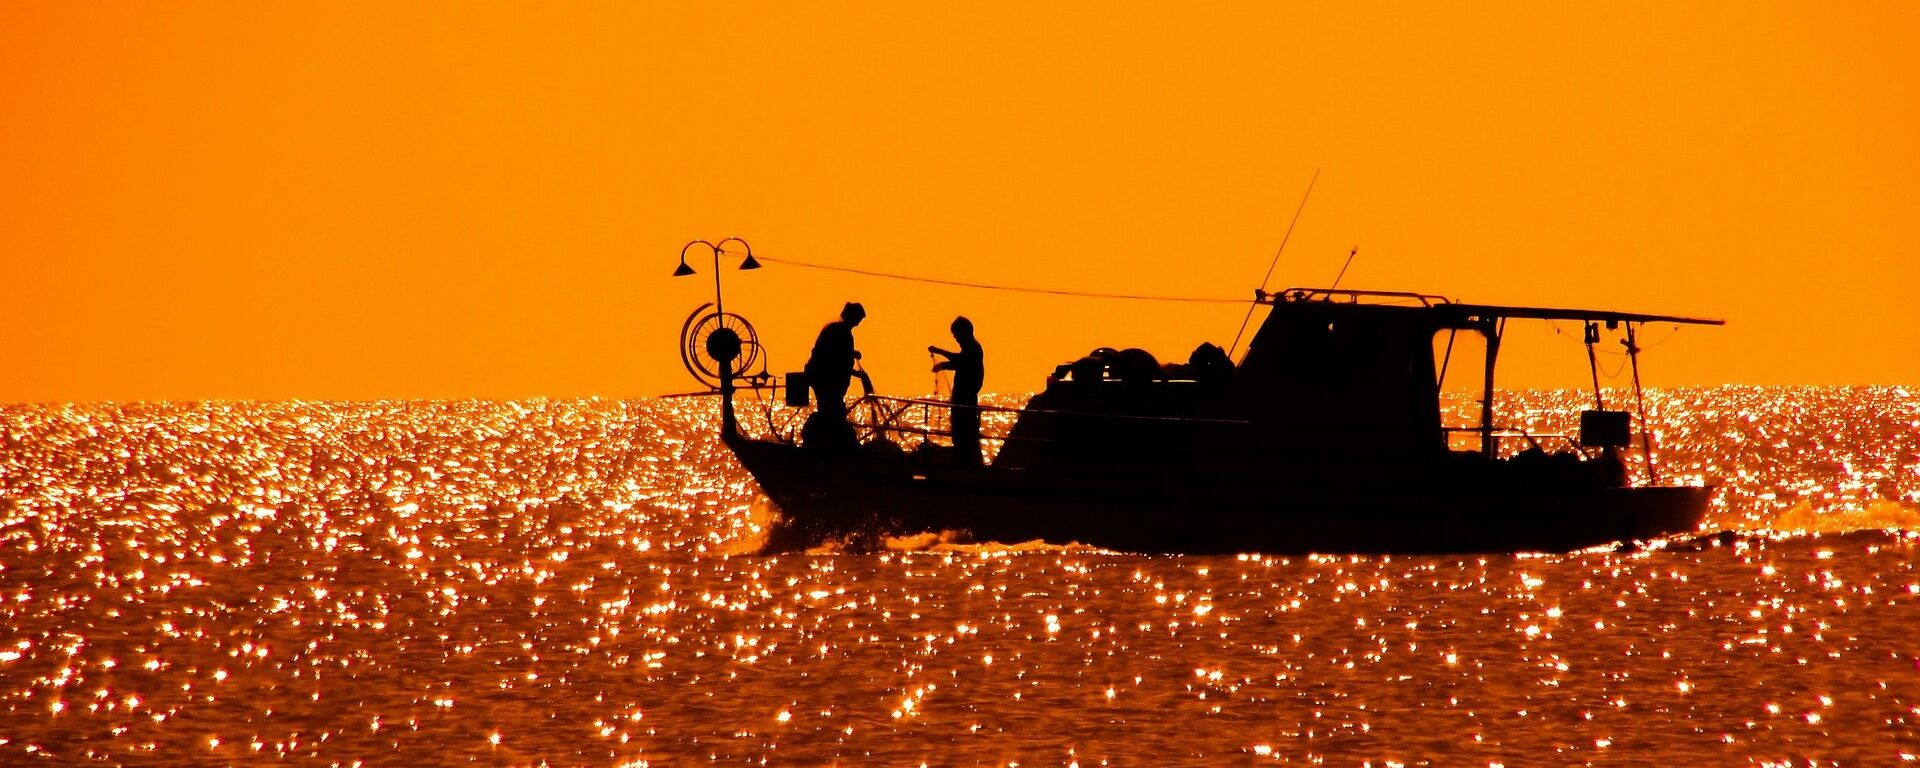 Pesca (imagen referencial) - Sputnik Mundo, 1920, 03.02.2021